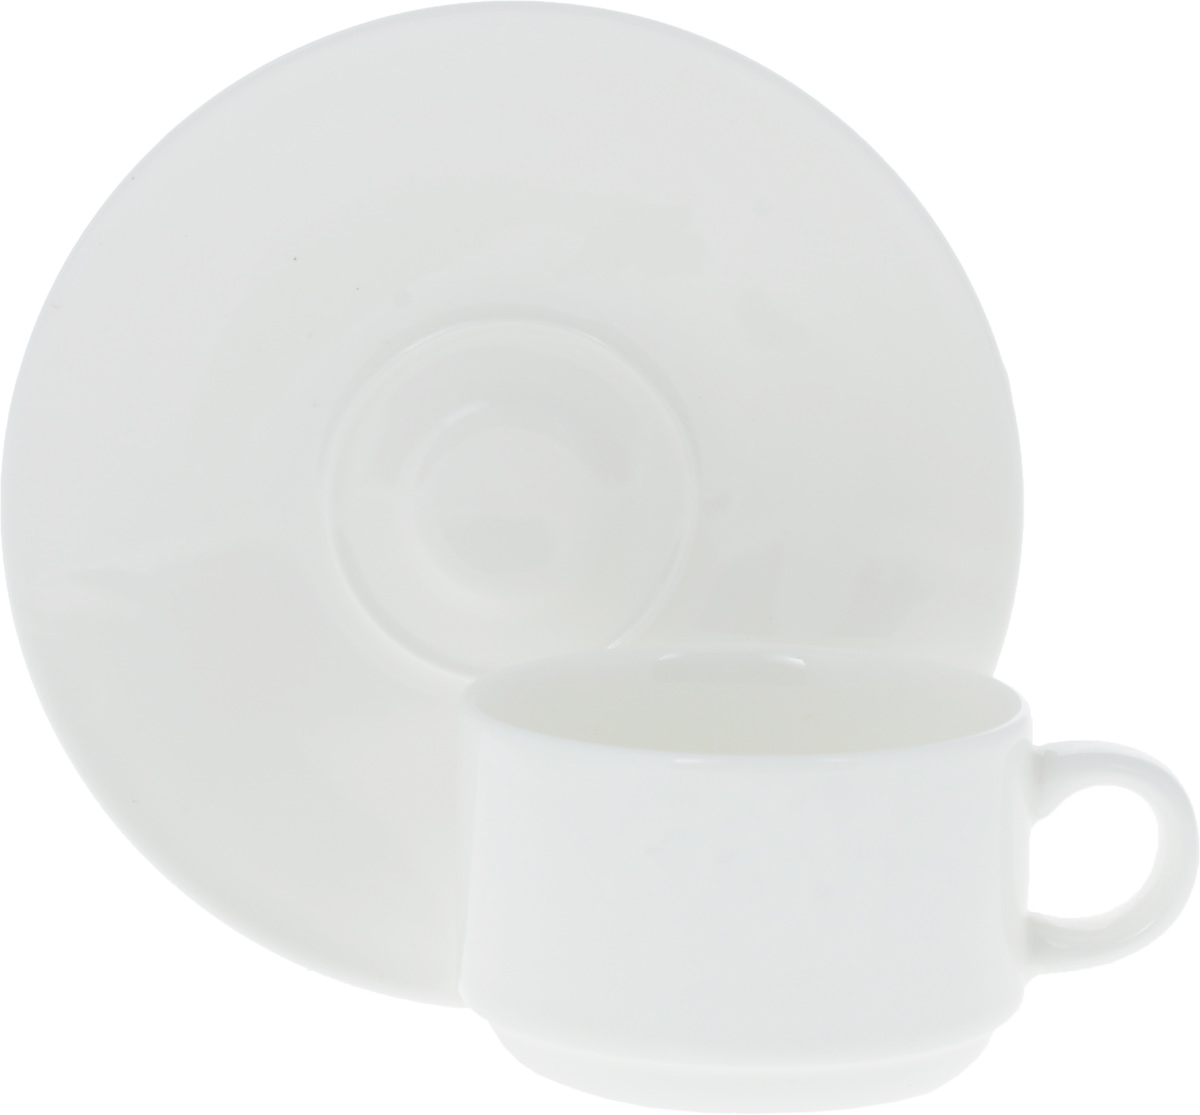 Кофейная пара Wilmax, 2 предмета. WL-993039 / AB115510Кофейная пара Wilmax состоит из чашки и блюдца. Изделия выполнены из высококачественного фарфора, покрытого слоем глазури. Изделия имеют лаконичный дизайн, просты и функциональны в использовании. Кофейная пара Wilmax украсит ваш кухонный стол, а также станет замечательным подарком к любому празднику.Изделия можно мыть в посудомоечной машине и ставить в микроволновую печь.Объем чашки: 140 мл.Диаметр чашки (по верхнему краю): 7 см.Высота чашки: 5 см.Диаметр блюдца: 13 см.